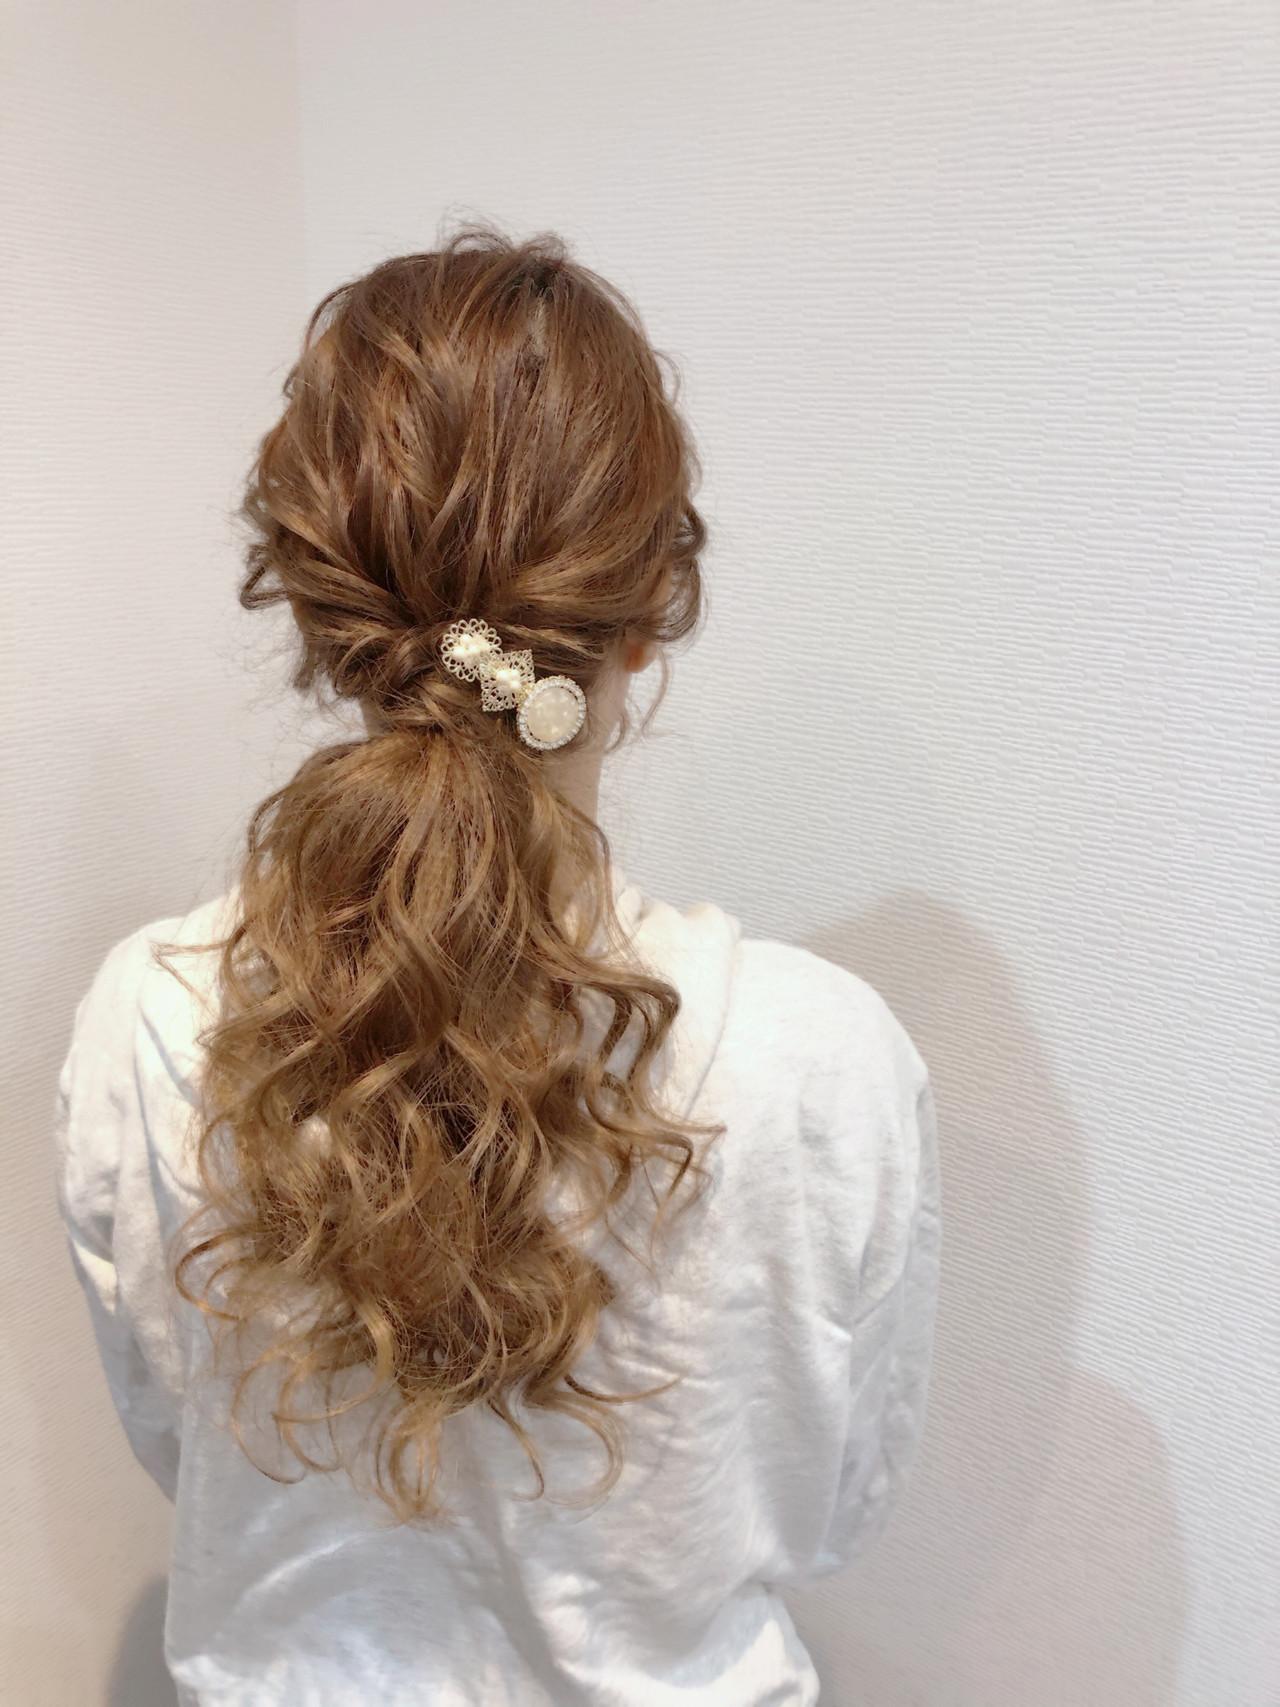 ポニーテール フェミニン ポニーテールアレンジ ヘアセット ヘアスタイルや髪型の写真・画像